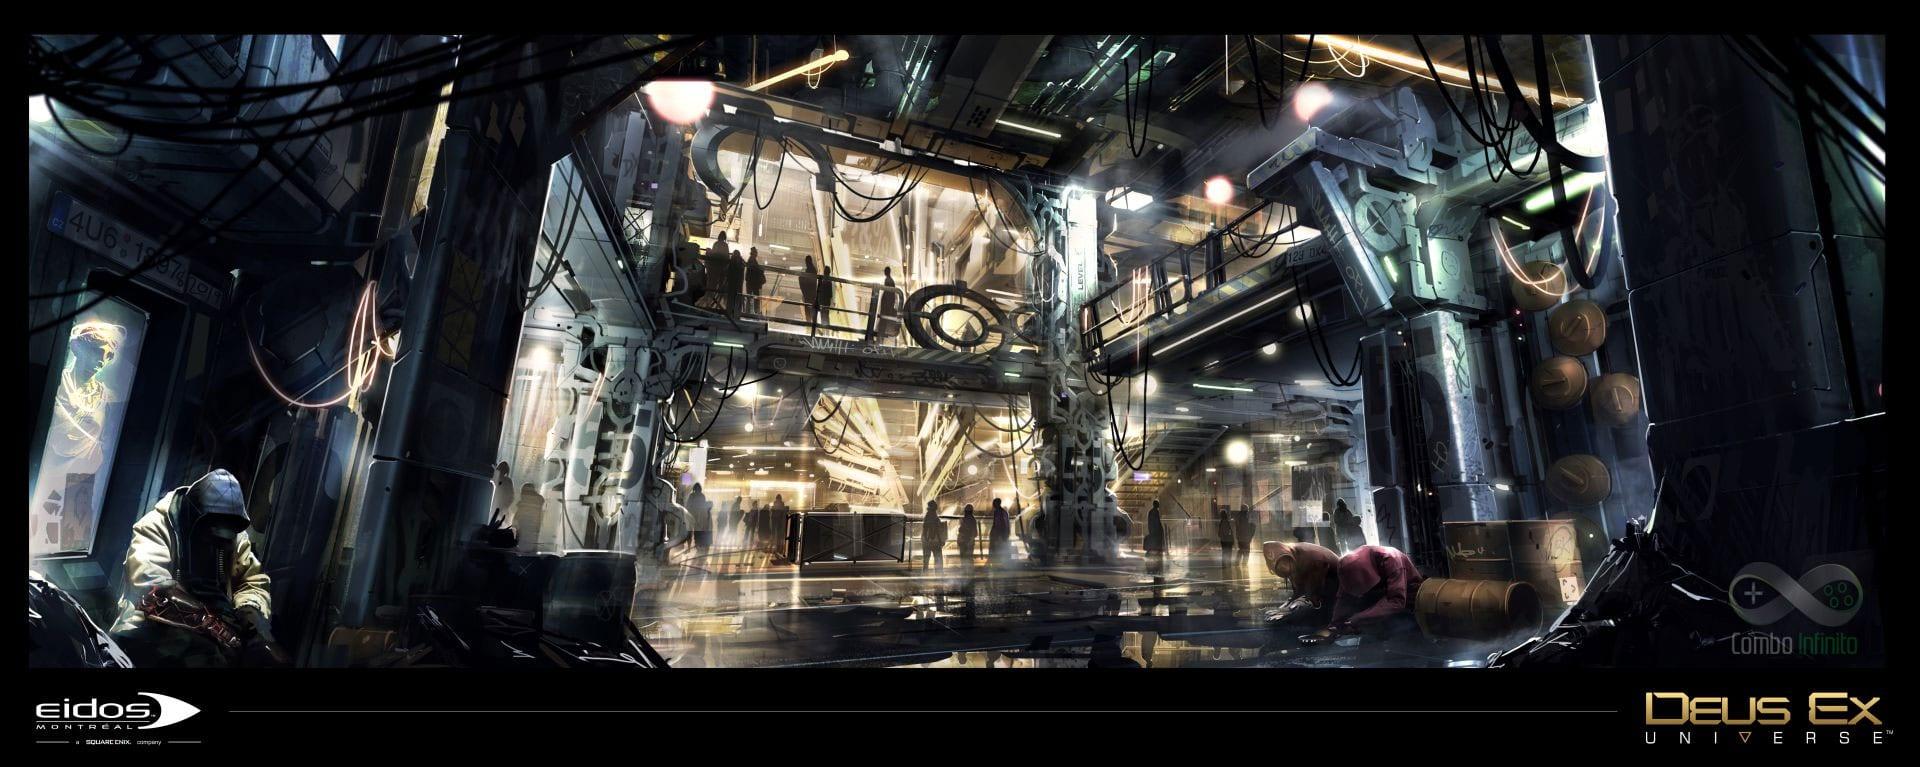 Deus-EX-Universe-conceito